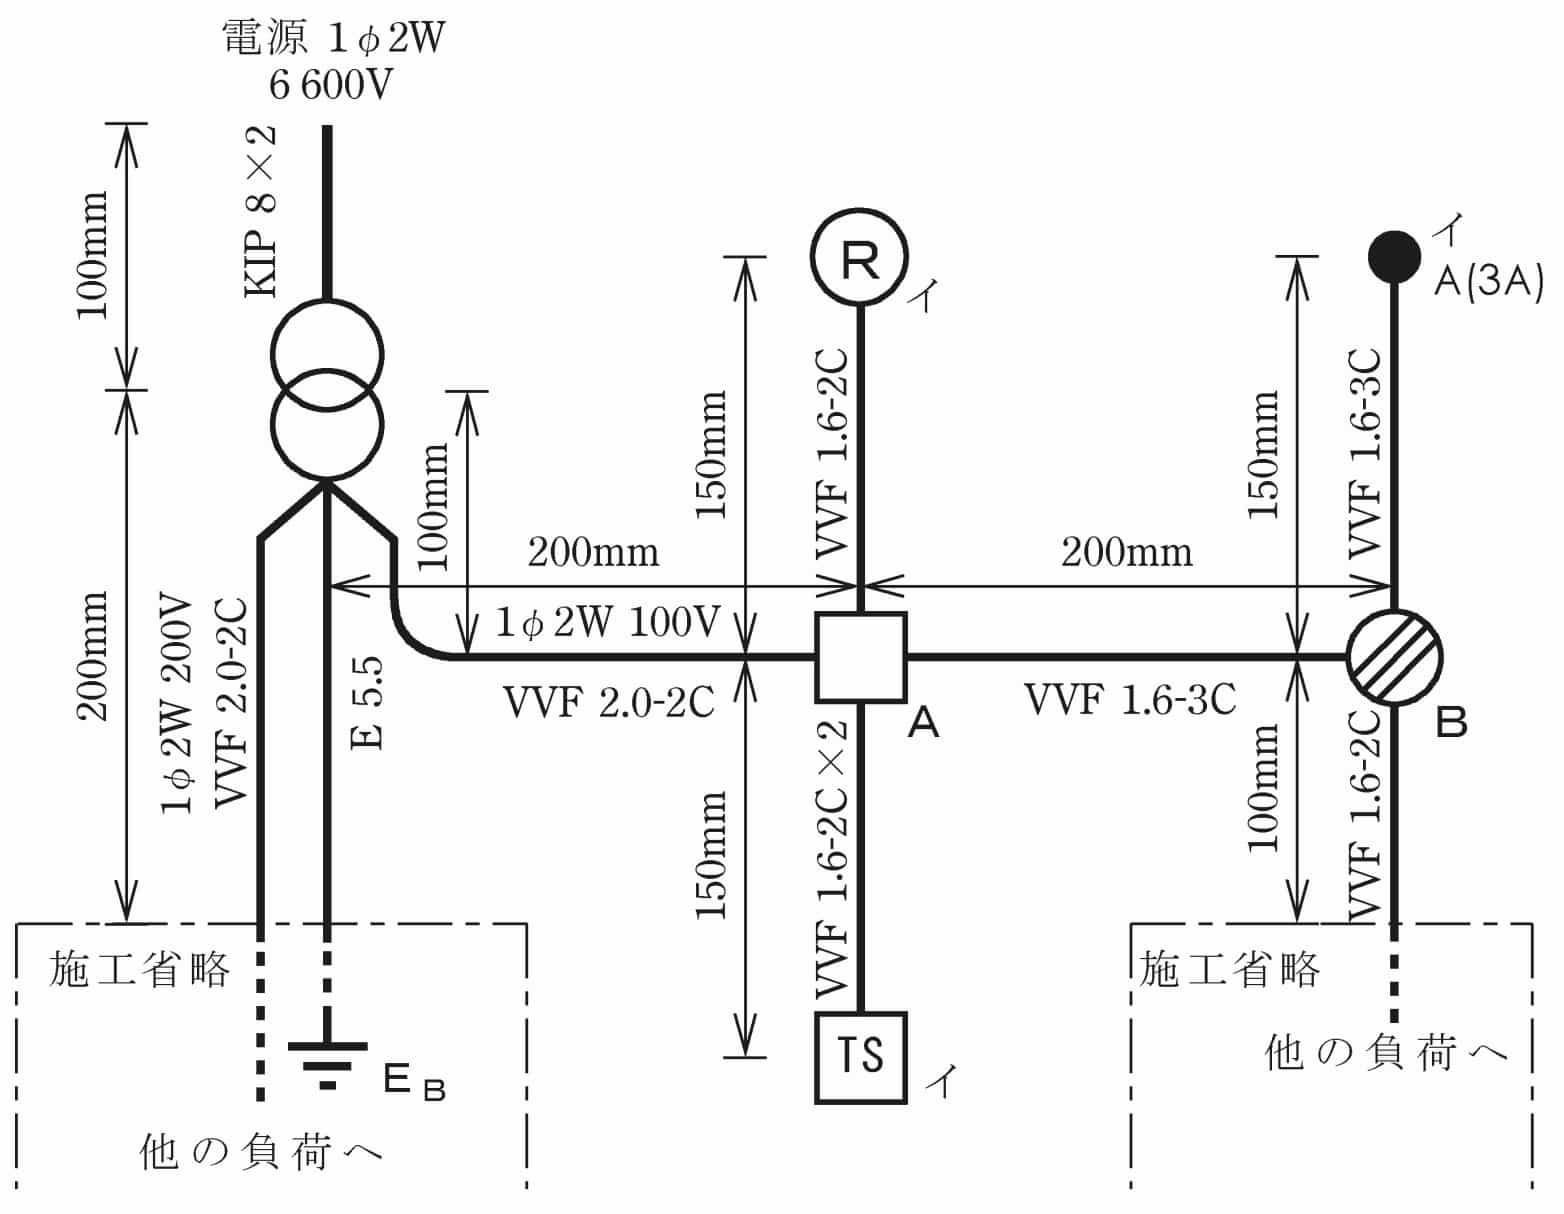 第一種電気工事士の技能試験の試験問題No.9の技能問題